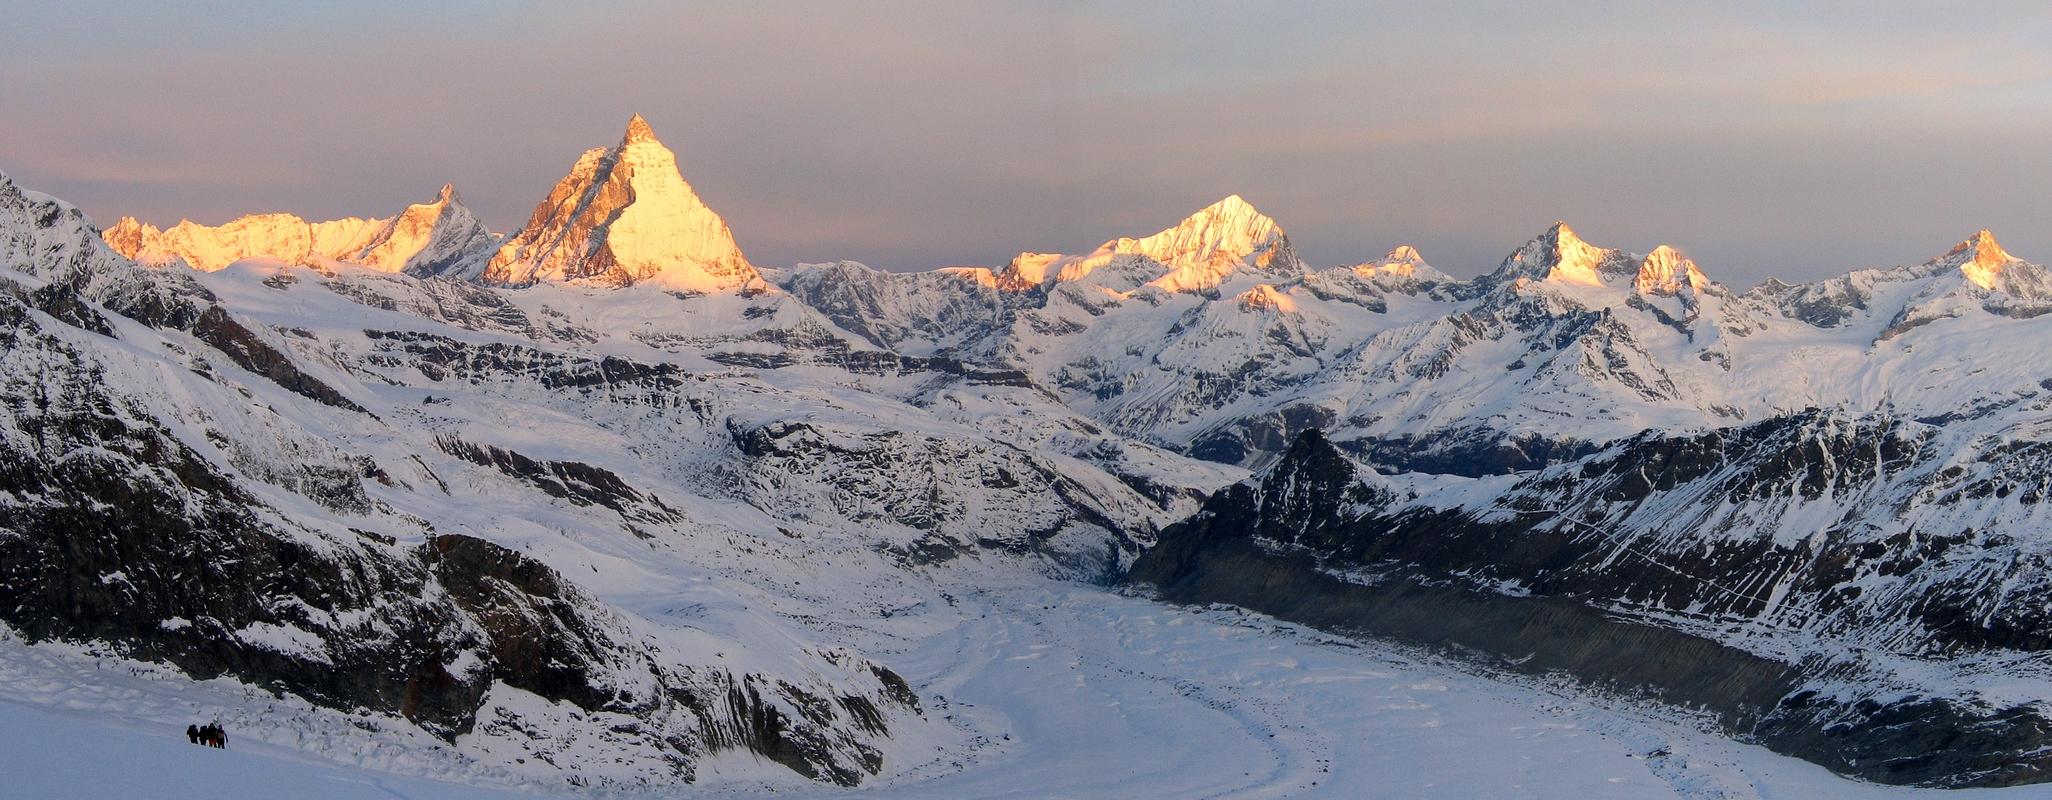 Monte Rosa Hütte Walliser Alpen / Alpes valaisannes Switzerland panorama 32